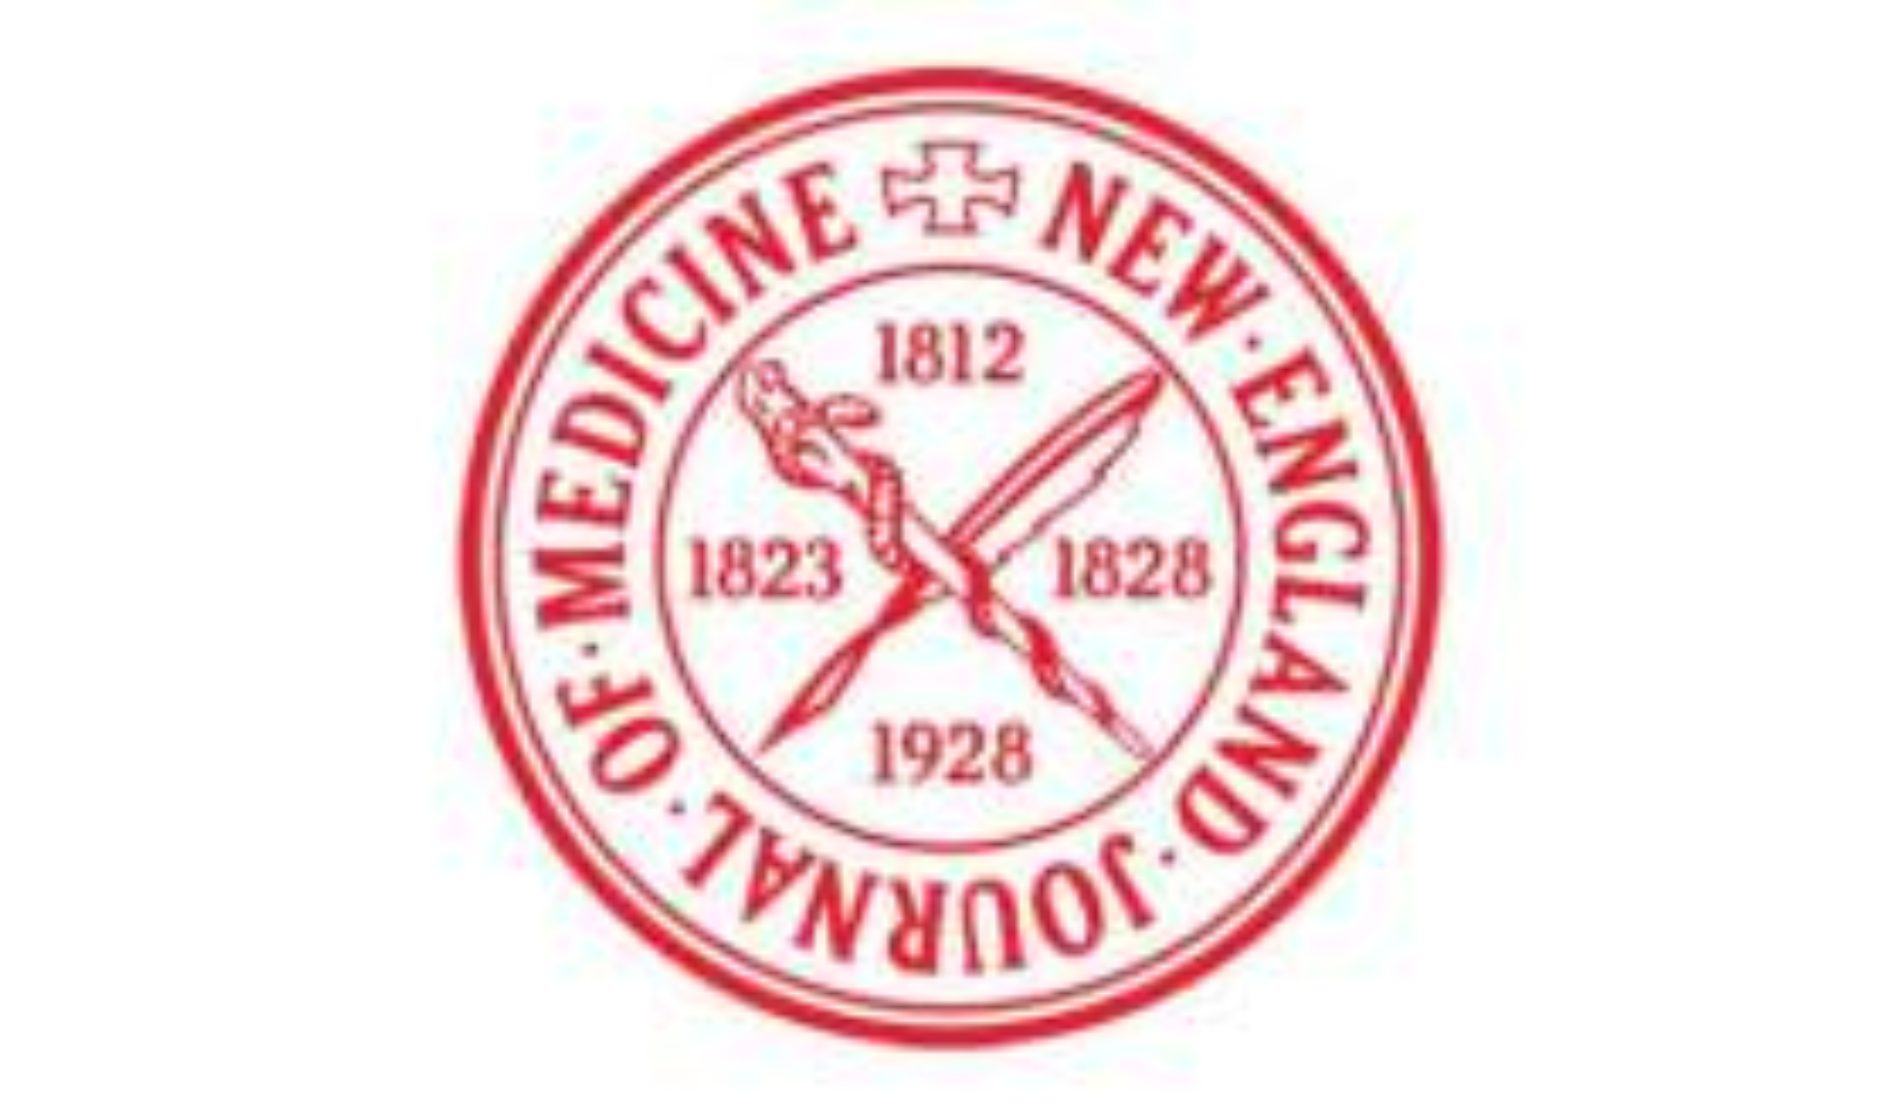 E-cig e formaldeide: lettera di denuncia contro la famosa rivista New England Journal of Medicine